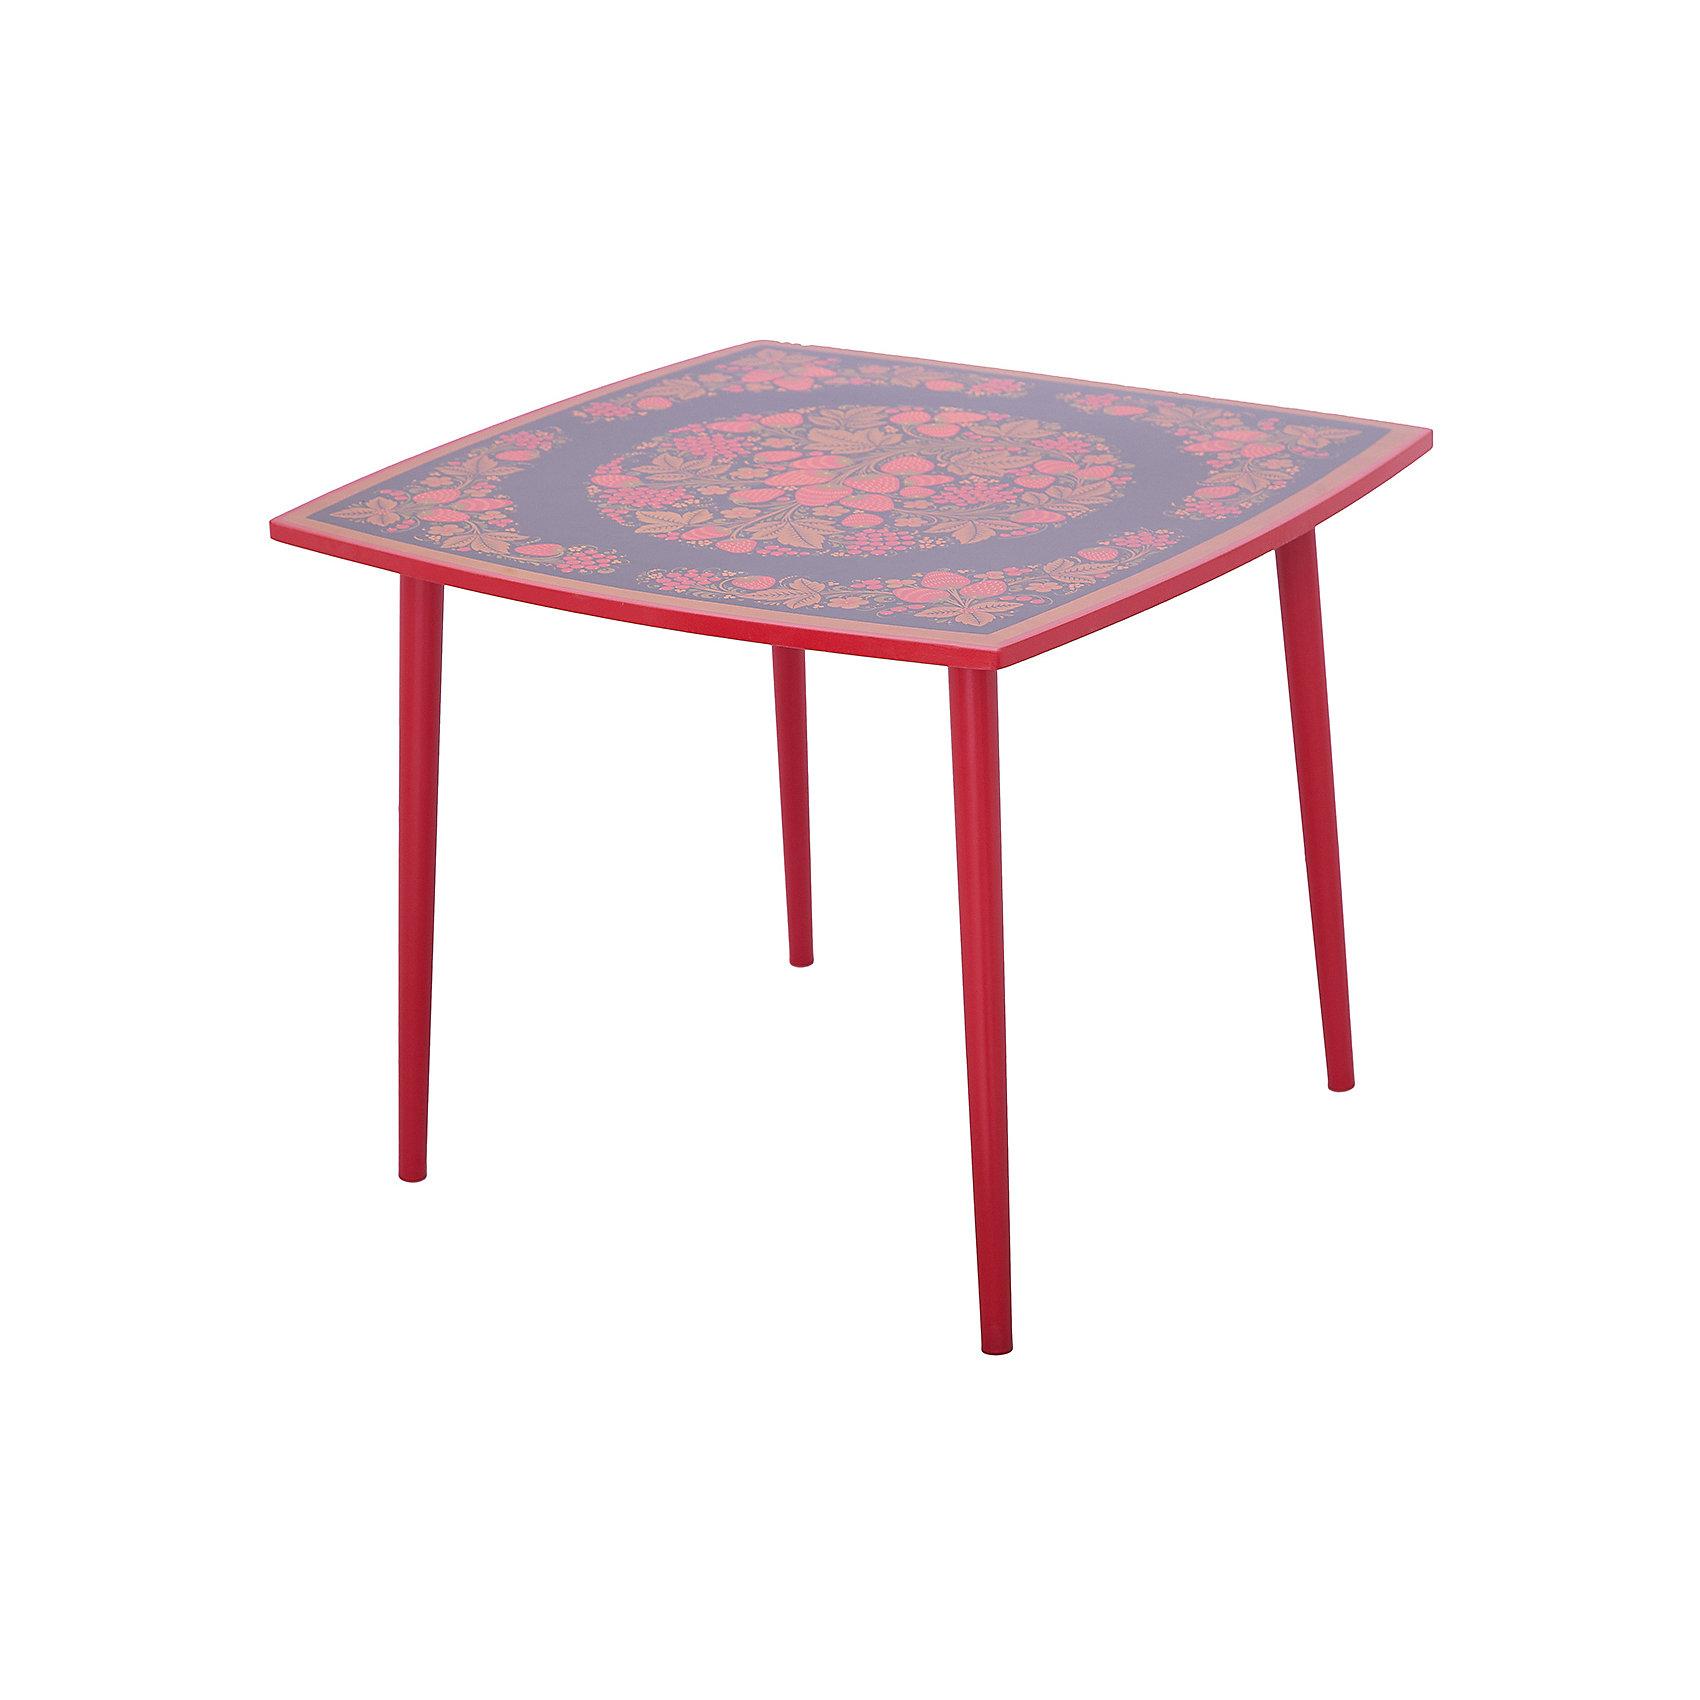 Стол ОсеньМебель<br>Красочный квадратный столик выполнен из массива. Его поверхность пропитана варёным льняным маслом и покрыта алюминиевым порошком и росписью. На поверхность стола также нанесены несколько слоев лака. Столик очень прочный и устойчивый, покрытие закалено при особом температурном режиме и не будет отслаиваться или облупливаться при частой влажной уборке.<br><br>Дополнительная информация:<br><br>- Возраст: от 6 мес.<br>- Материал: дерево.<br>- Цвет: орнамент - Хохломская роспись осень. <br>- Параметры стола: 65х65х52 см.<br><br>Детский столик Осень  можно купить в нашем магазине.<br><br>Ширина мм: 650<br>Глубина мм: 650<br>Высота мм: 520<br>Вес г: 8000<br>Возраст от месяцев: 36<br>Возраст до месяцев: 108<br>Пол: Унисекс<br>Возраст: Детский<br>SKU: 4718373